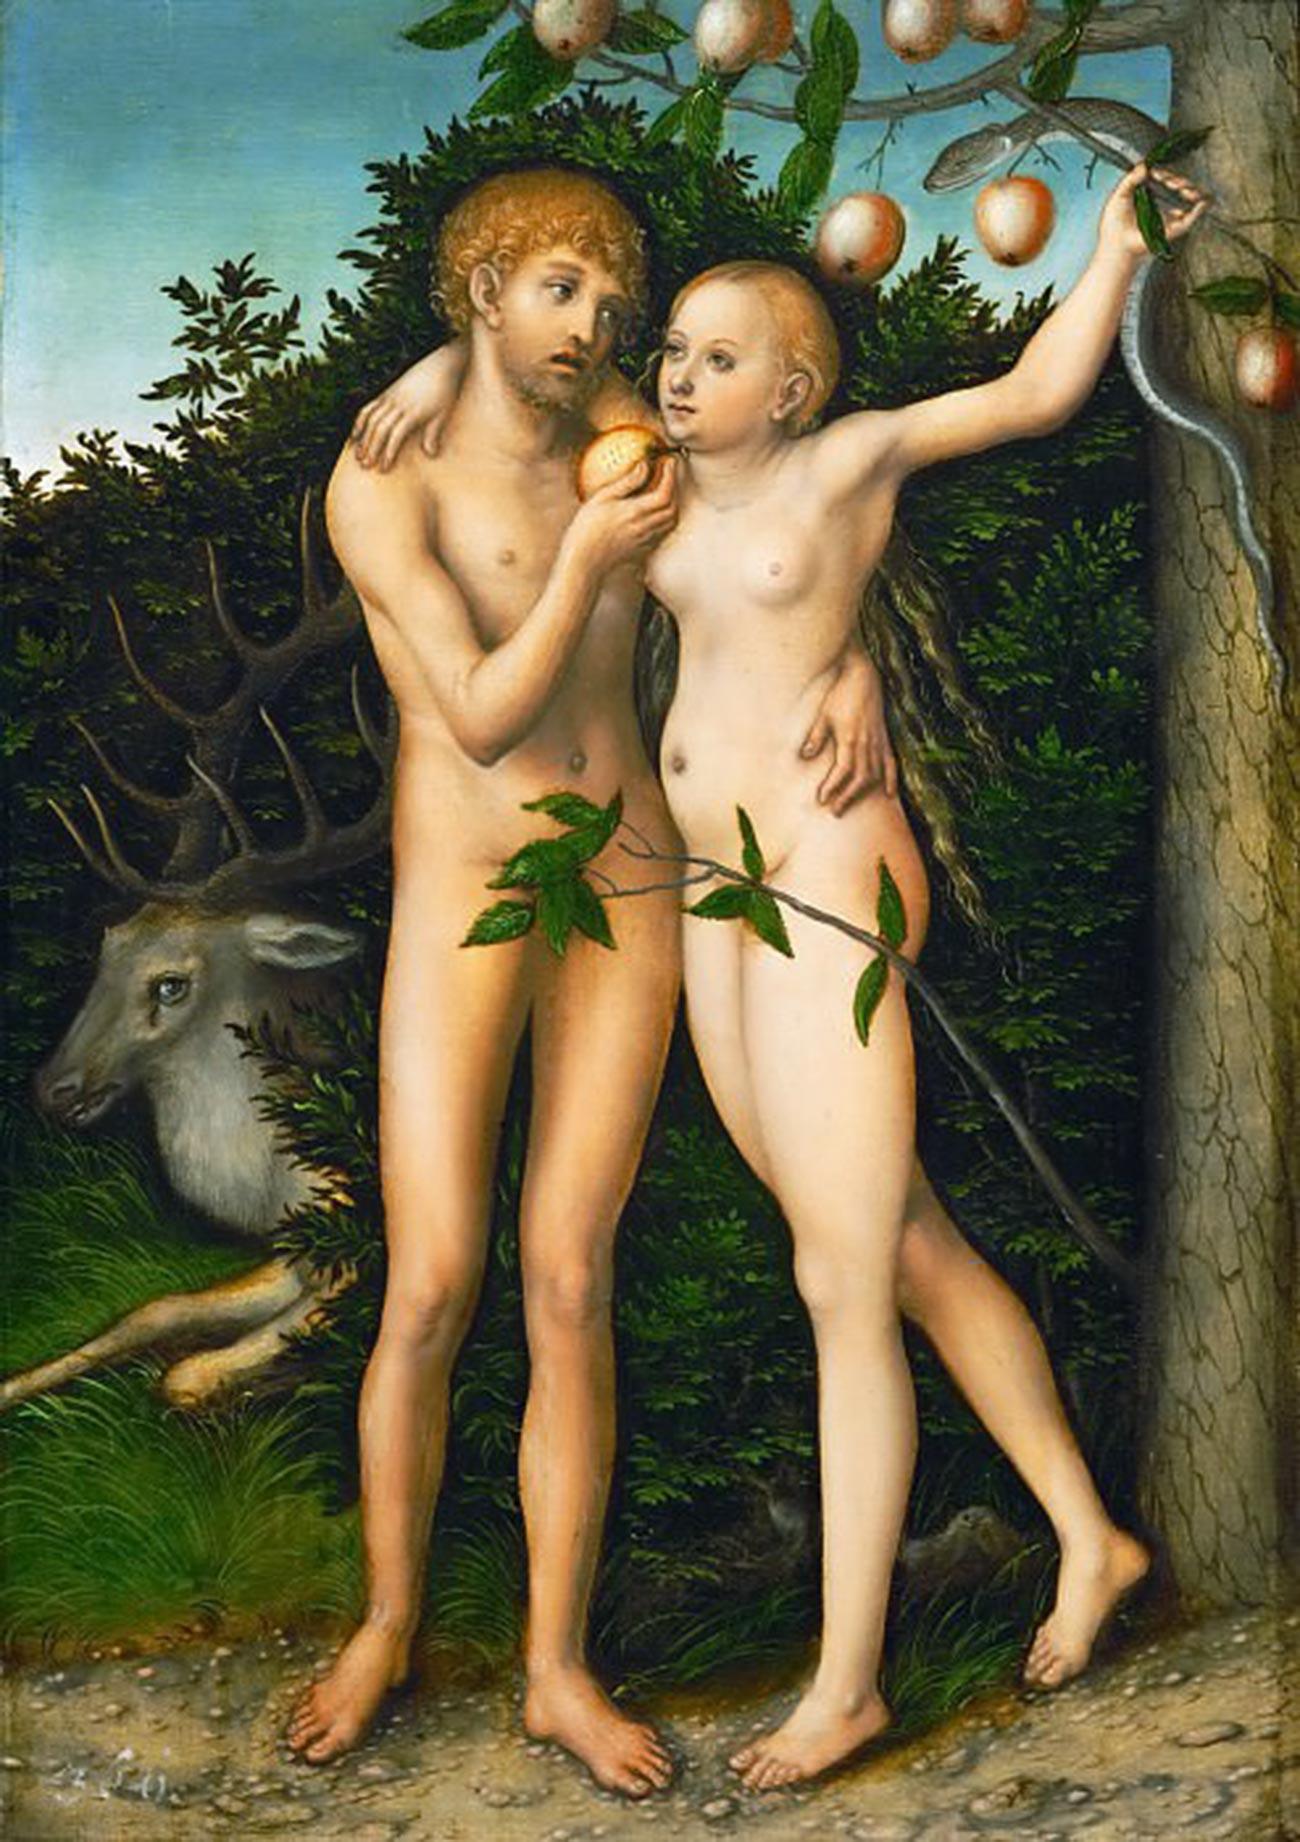 Адам и Ева. Грехопадение. 1537 г.